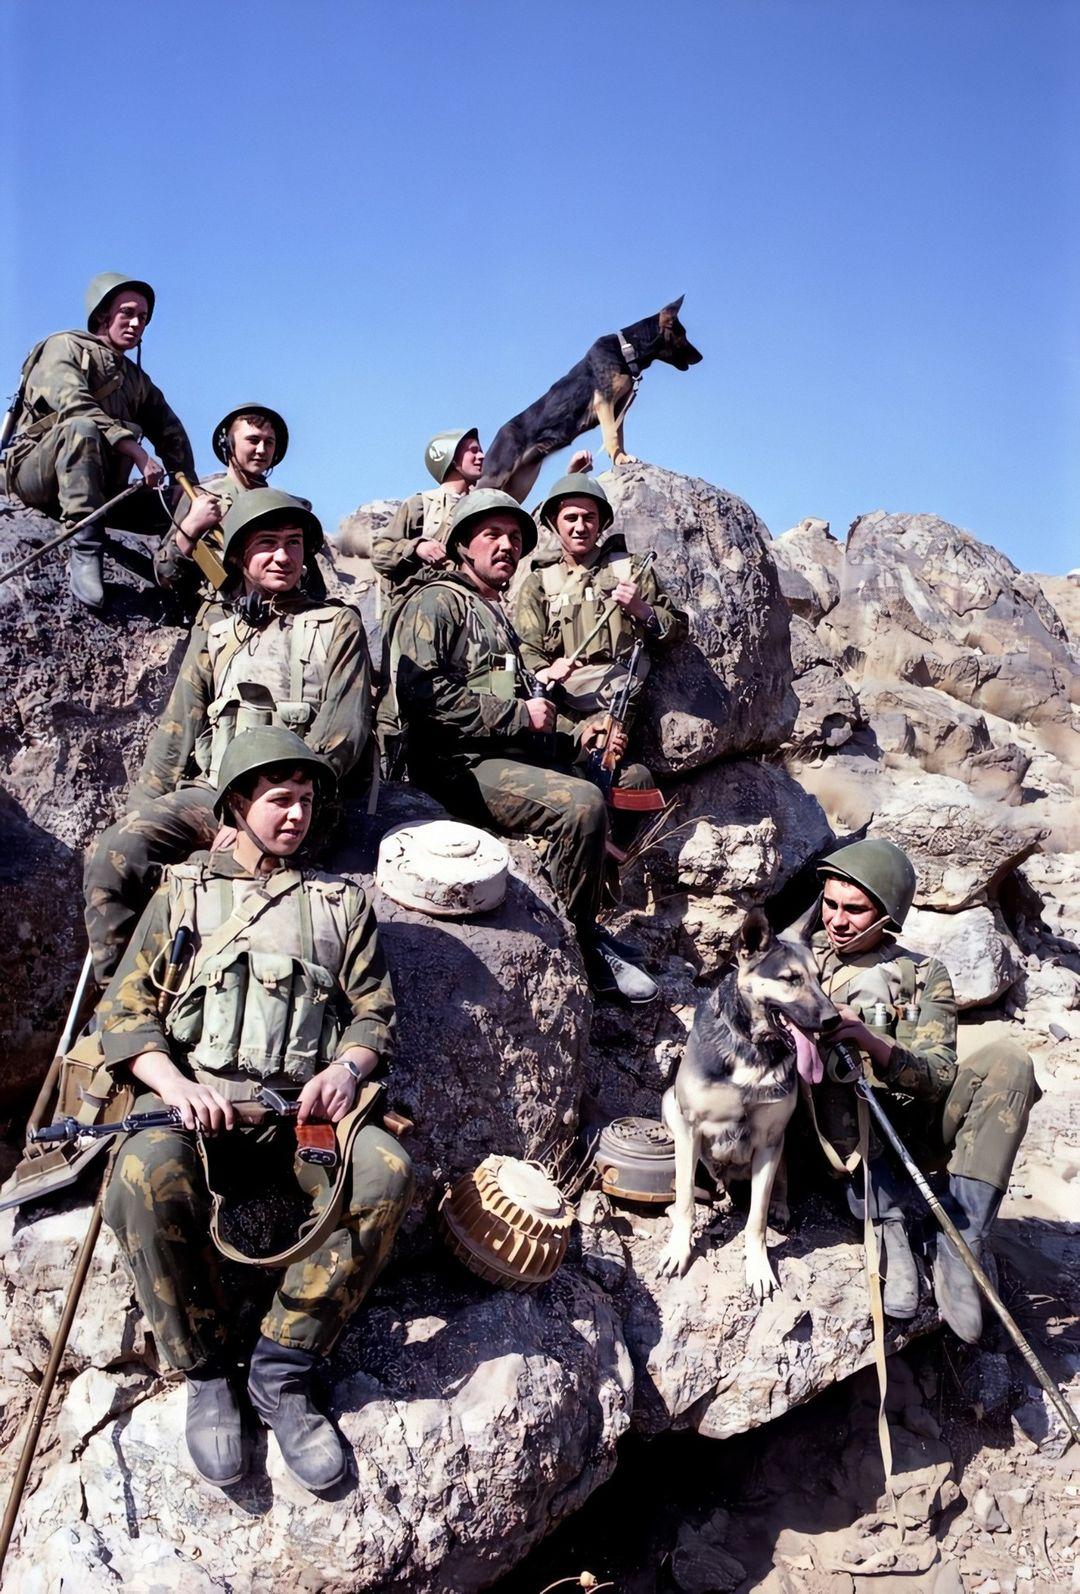 soldats soviétiques 123089286_3783269631706081_4533685629215504283_o-jpg